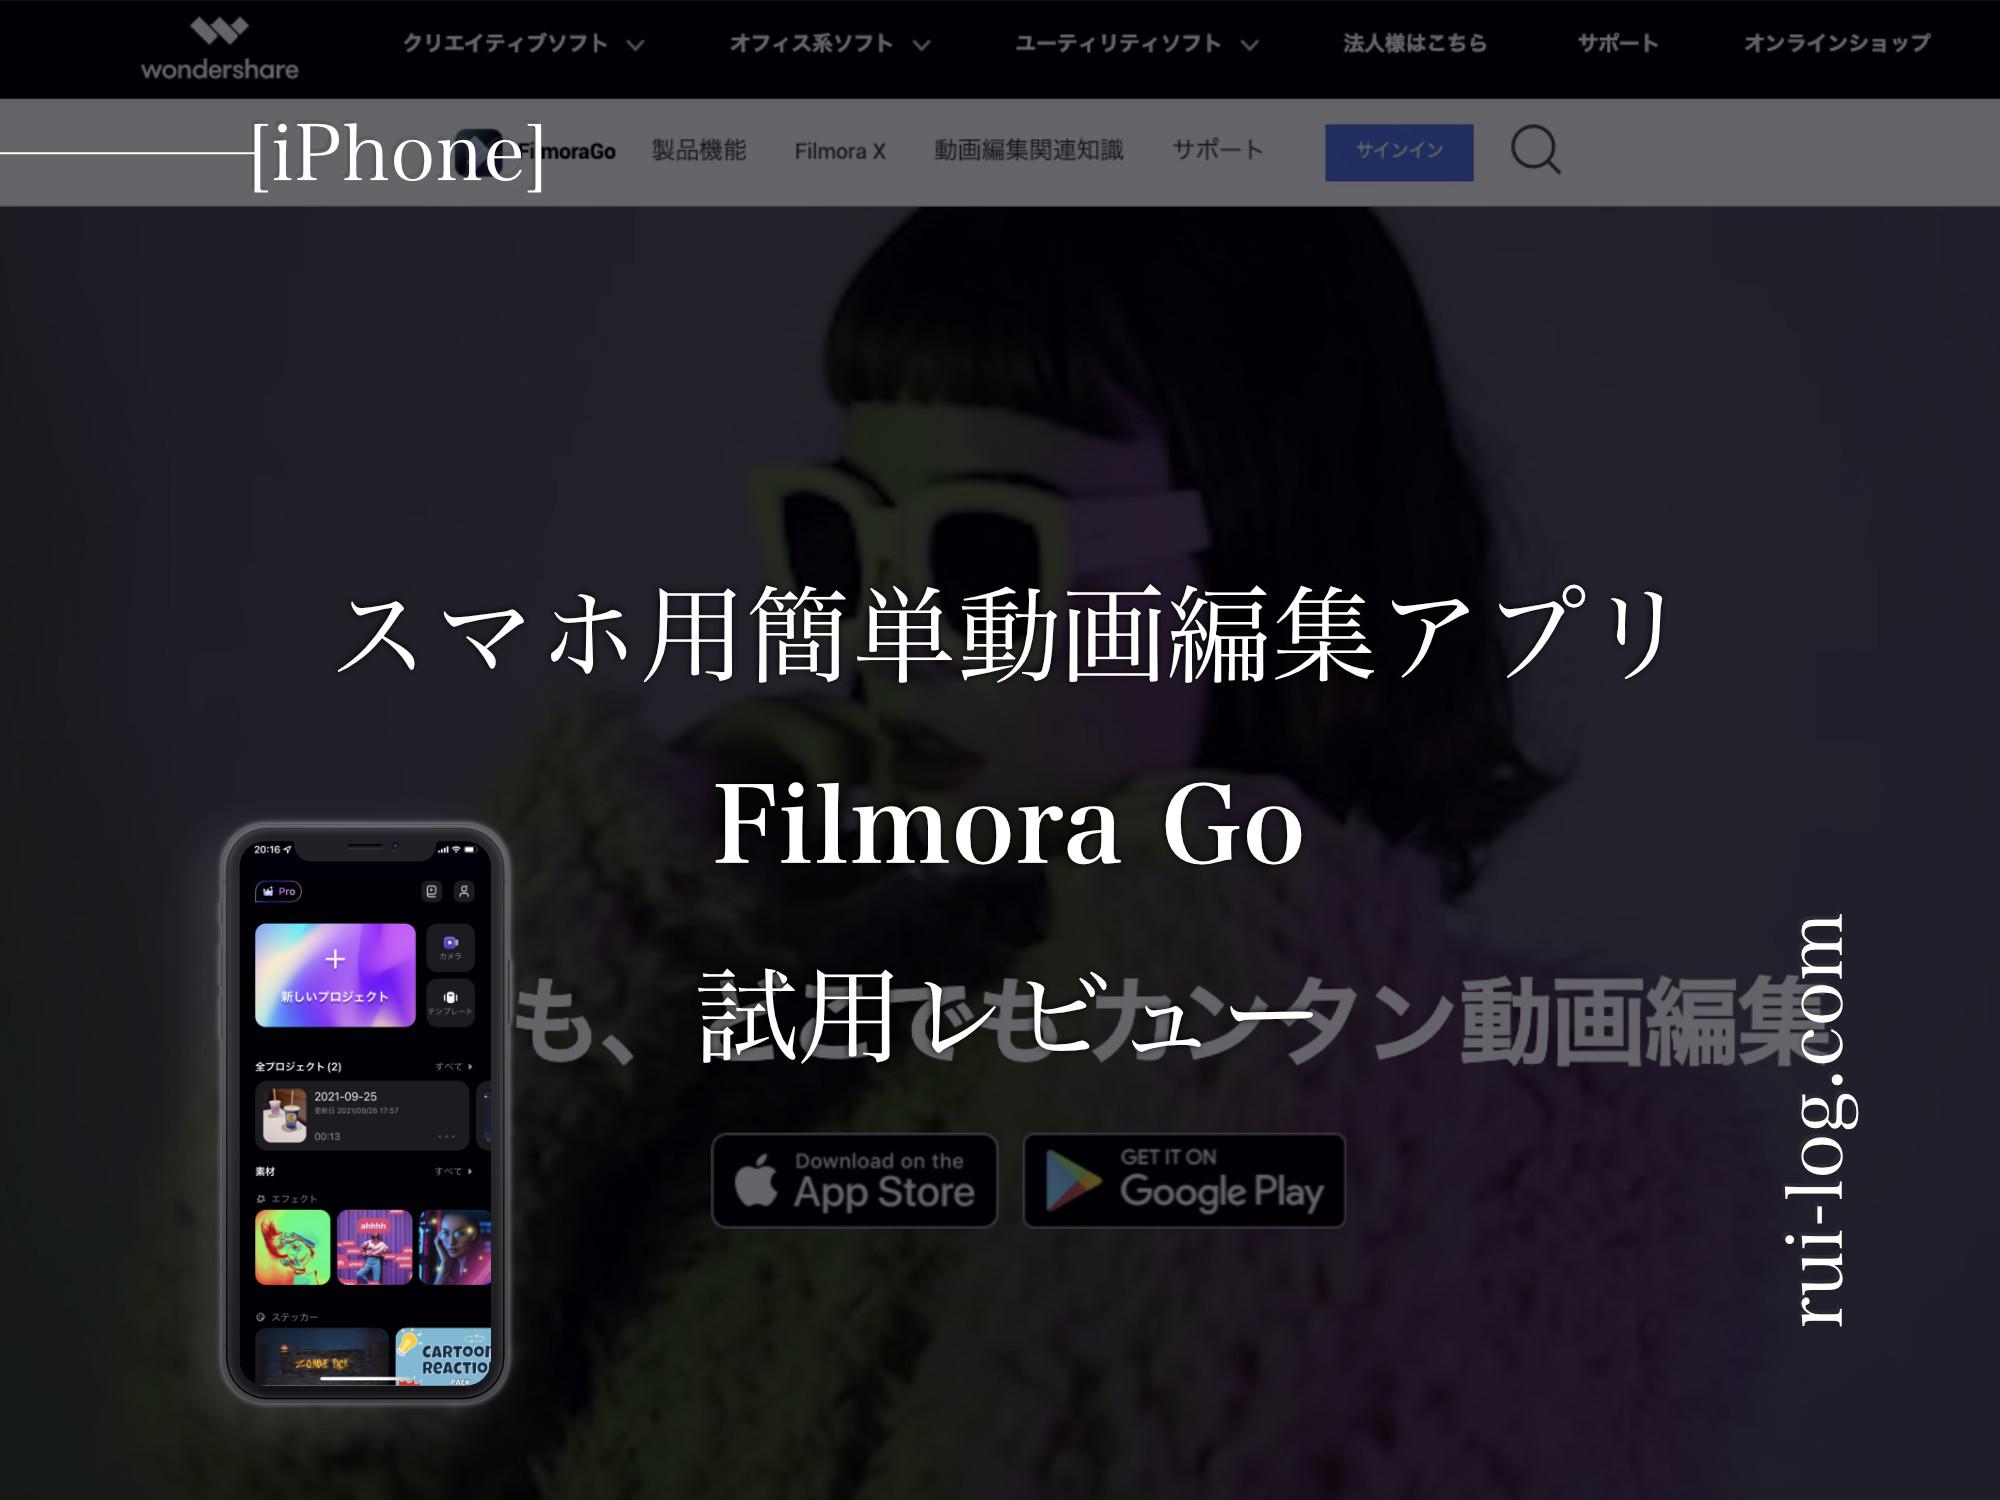 スマホ用簡単動画編集アプリFilmoraGoを試用レビュー